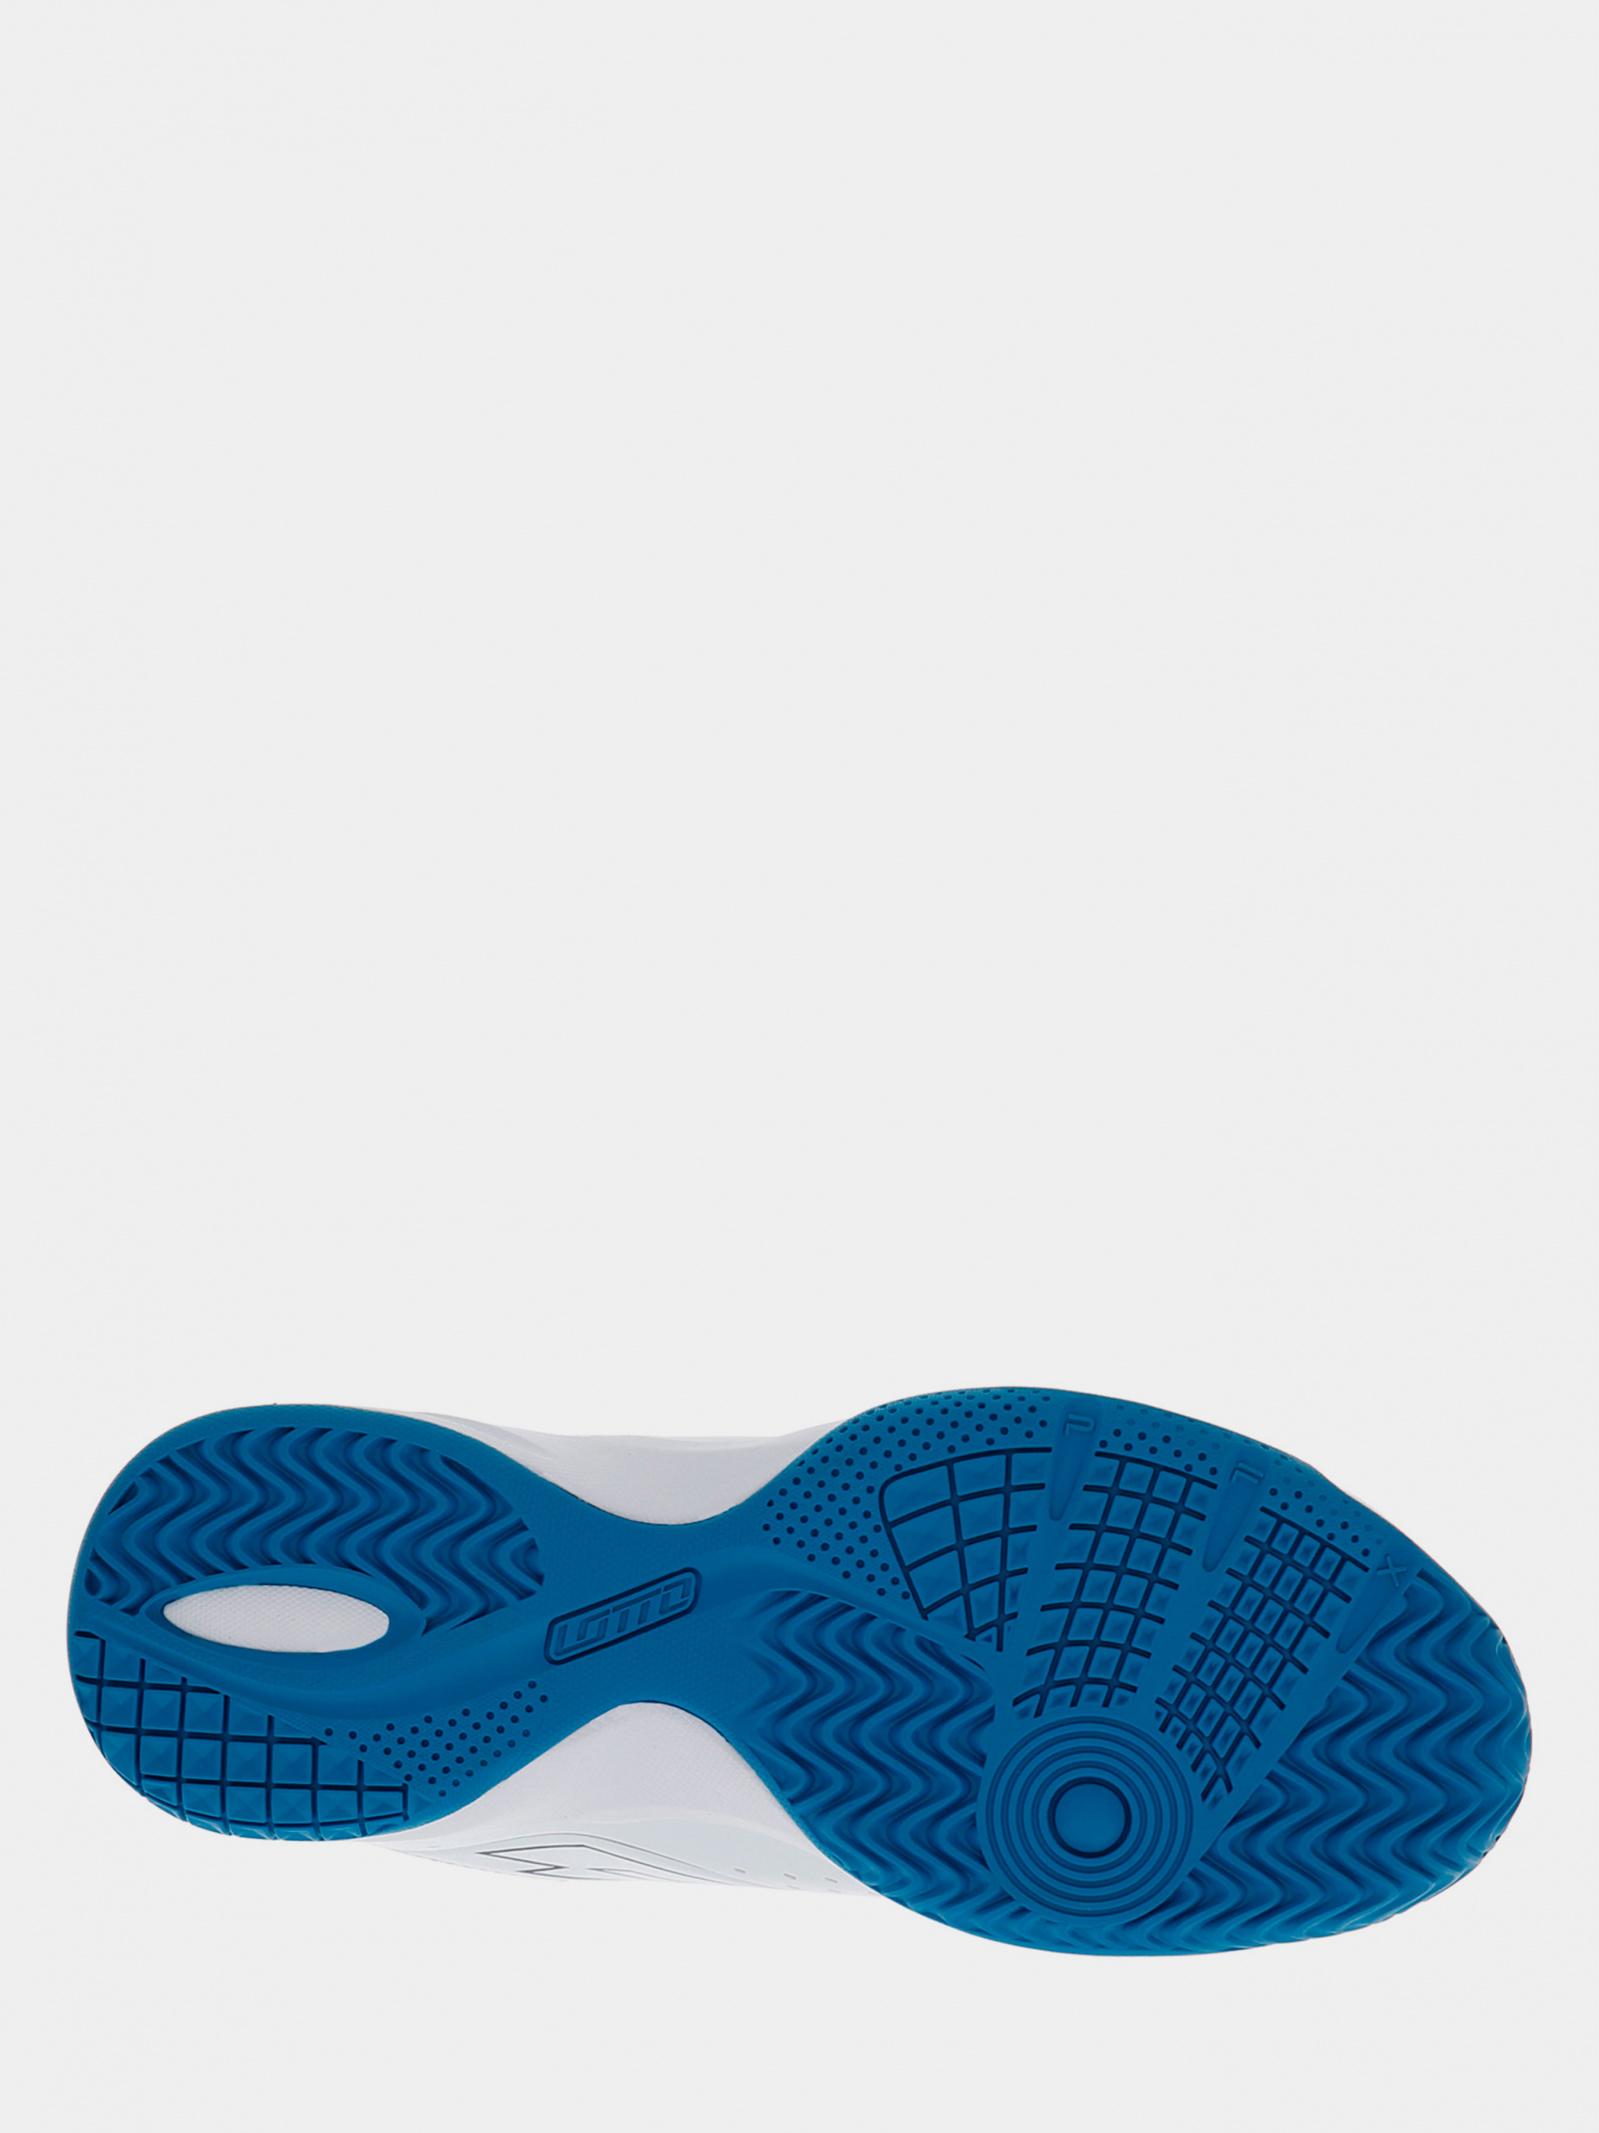 Кроссовки теннисные для мужчин SPACE 600 II ALR 213630_5XX купить в Интертоп, 2017